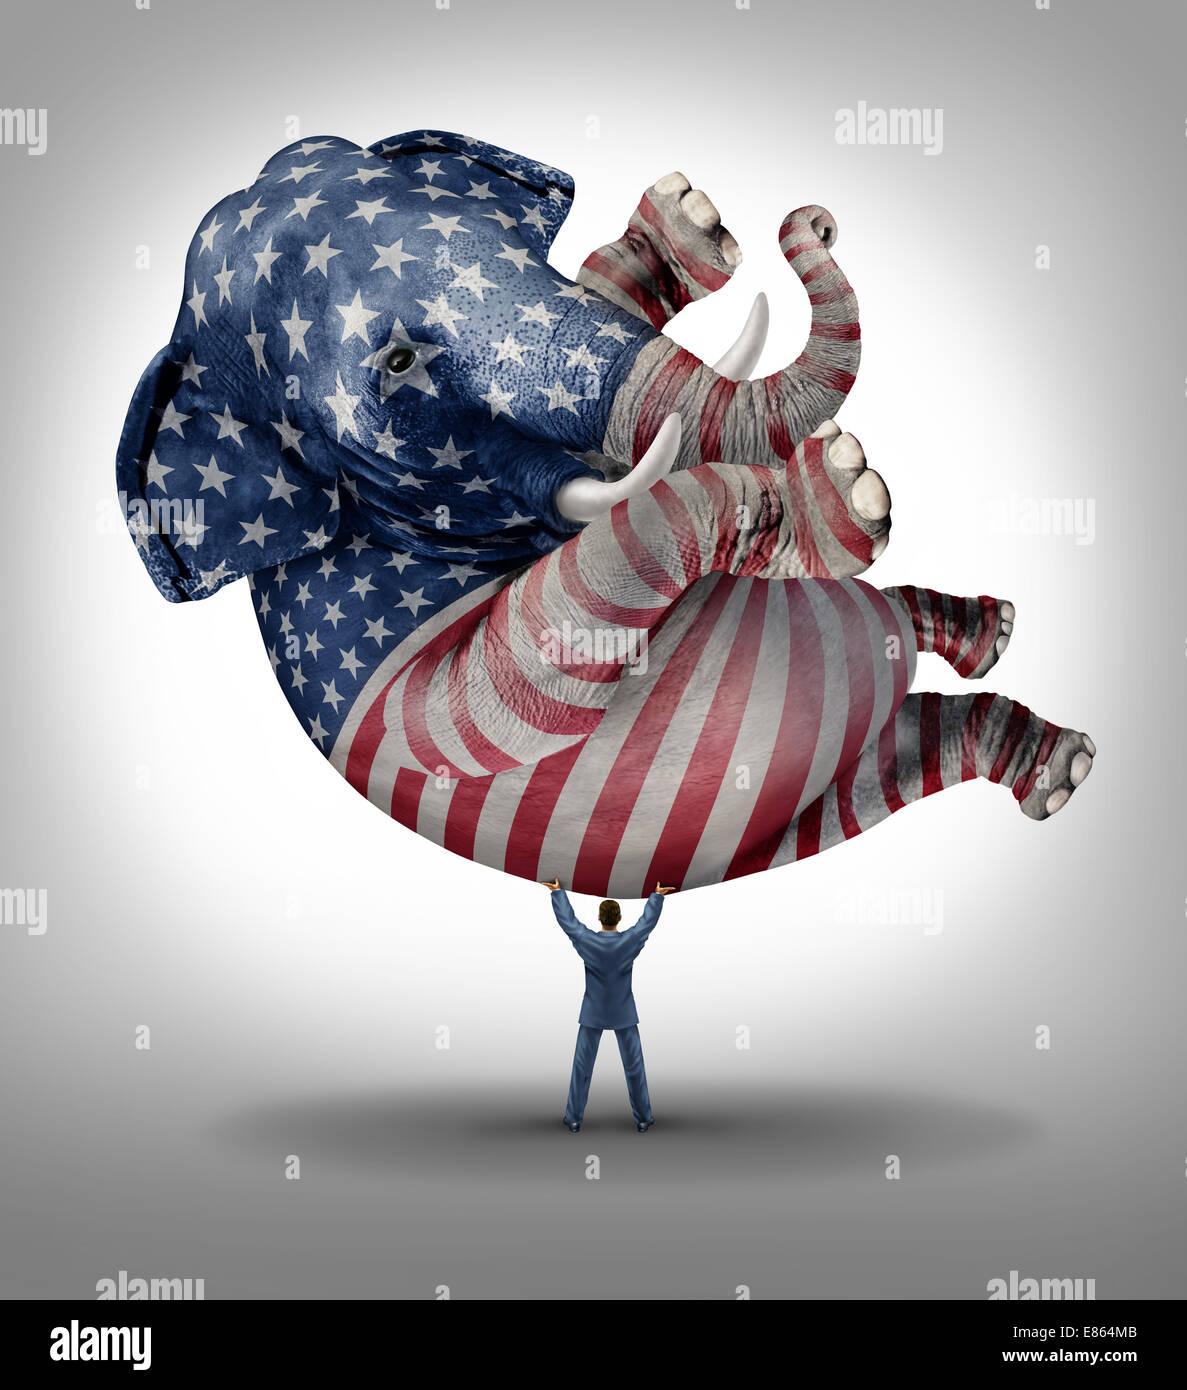 Élection vote républicain américain comme un symbole de leadership avec un éléphant peint Photo Stock